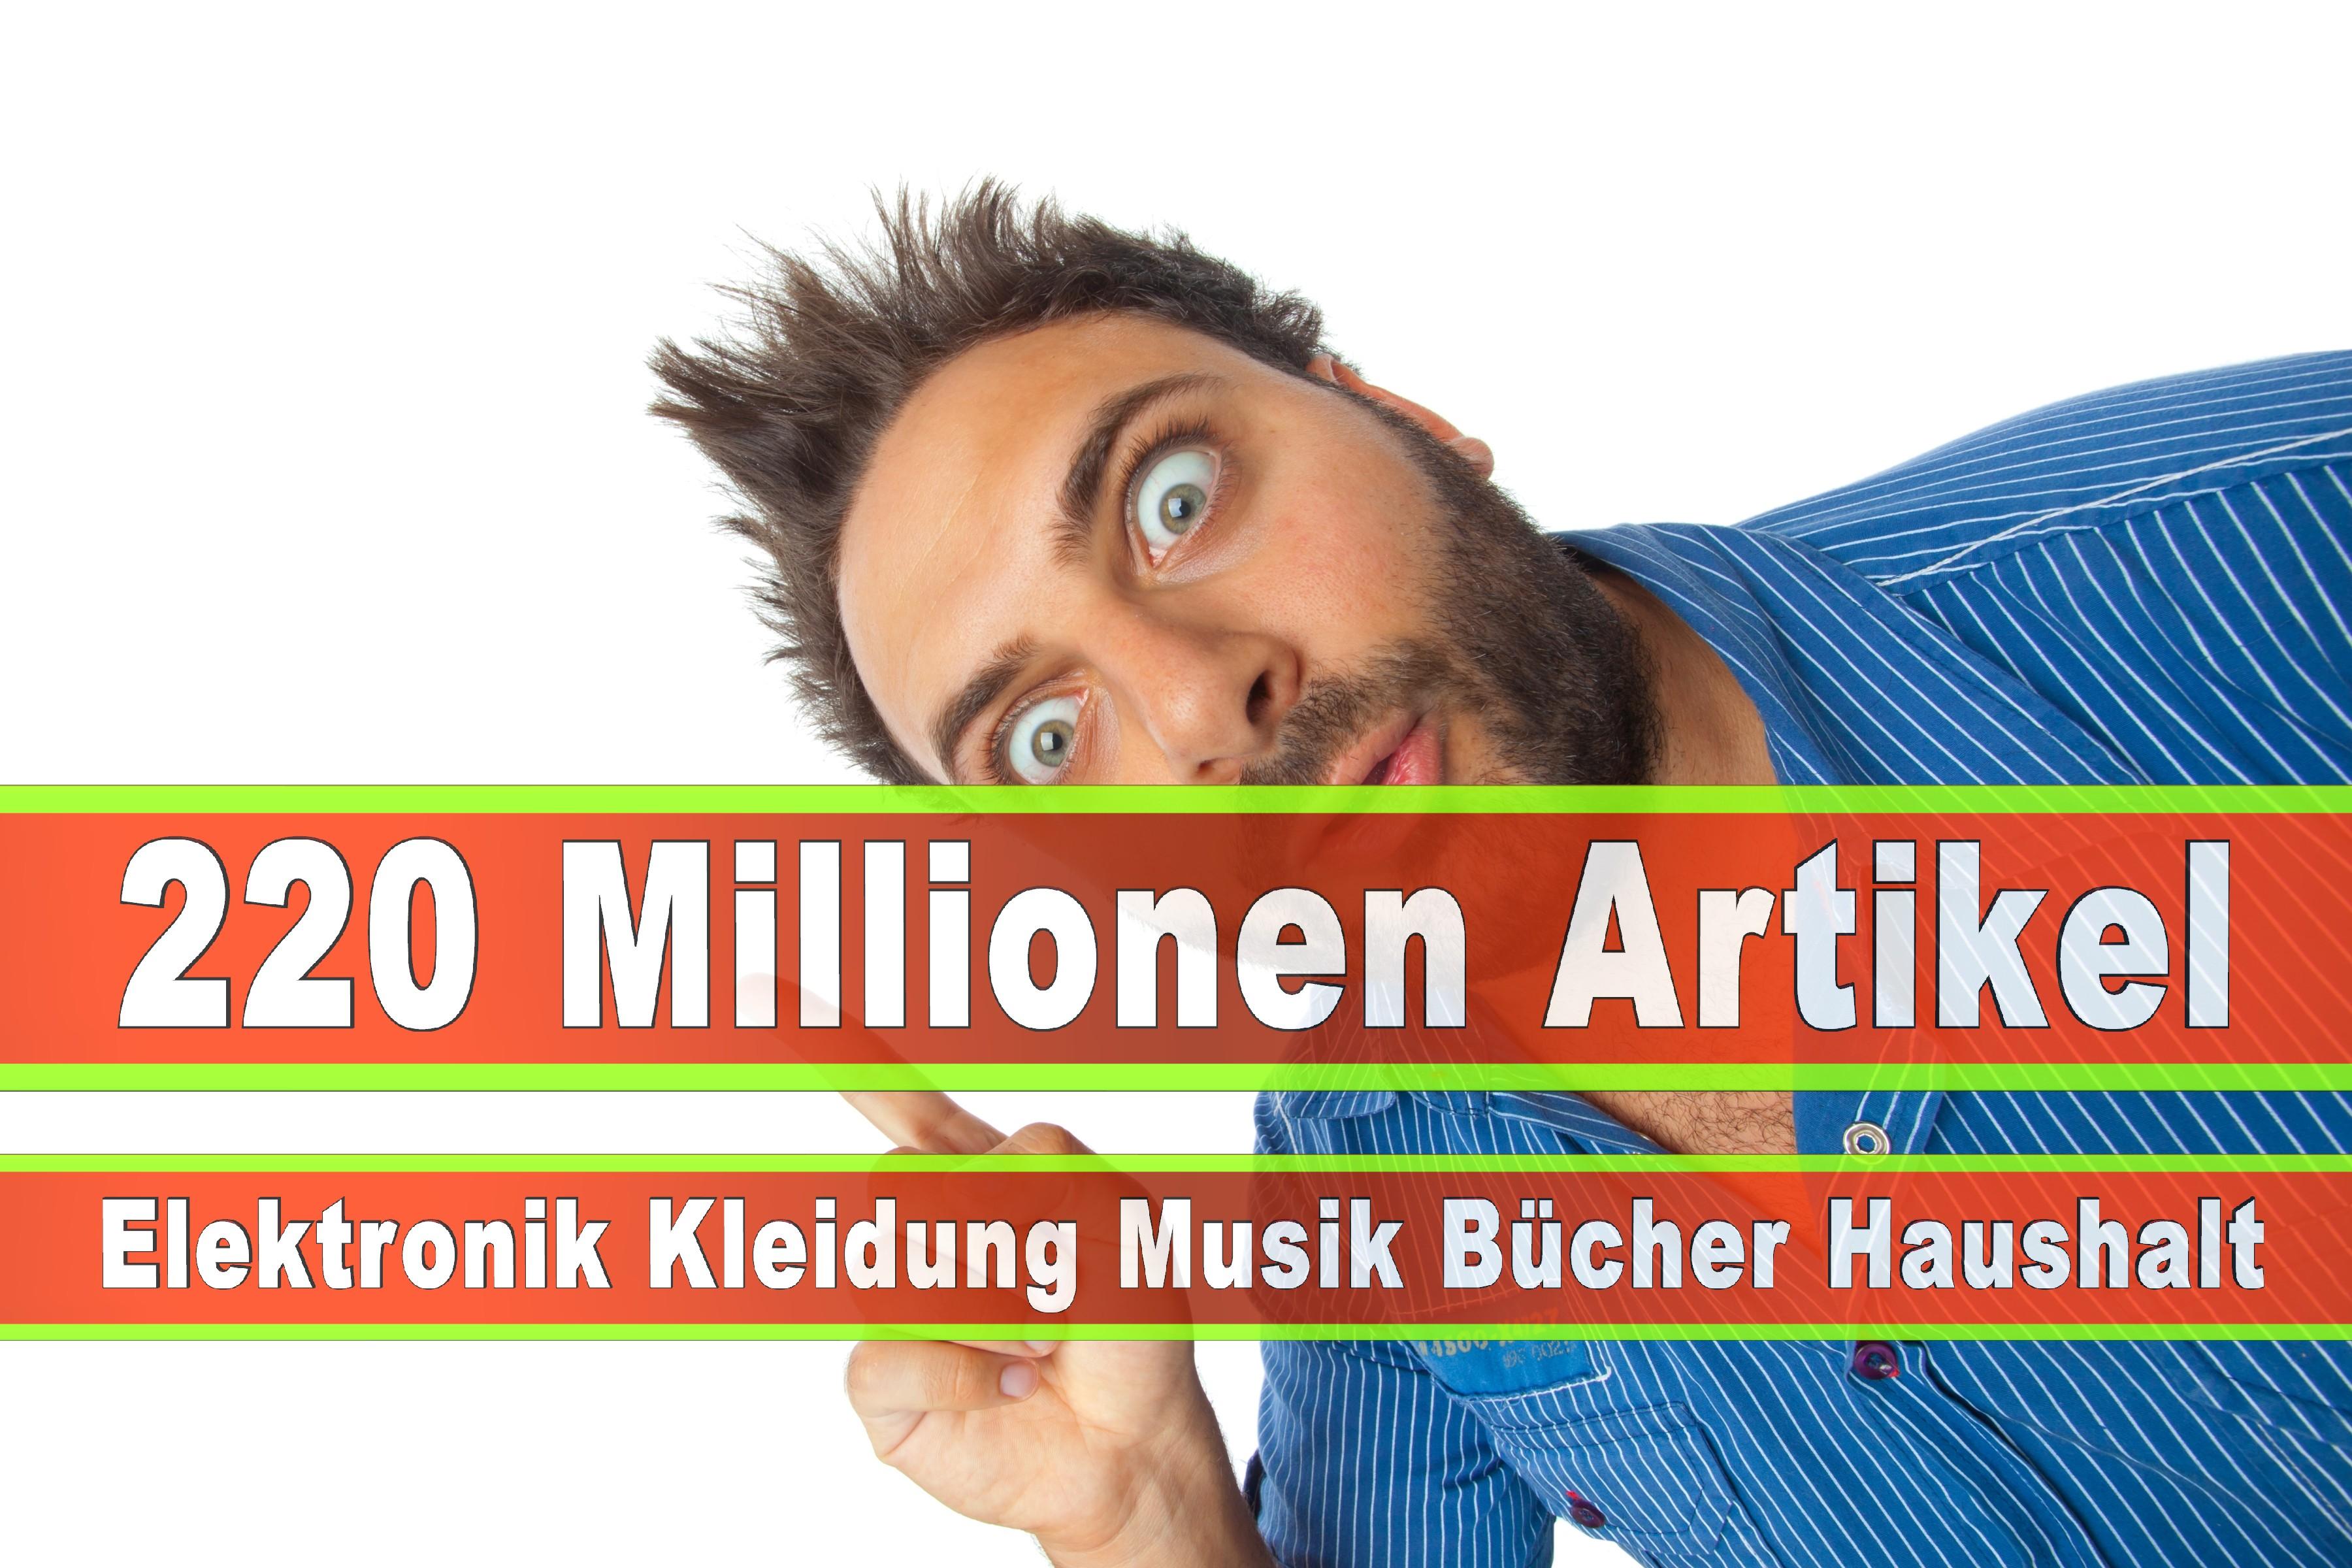 Amazon Elektronik Musik Haushalt Bücher CD DVD Handys Smartphones TV Television Fernseher Kleidung Mode Ebay Versandhaus (65)